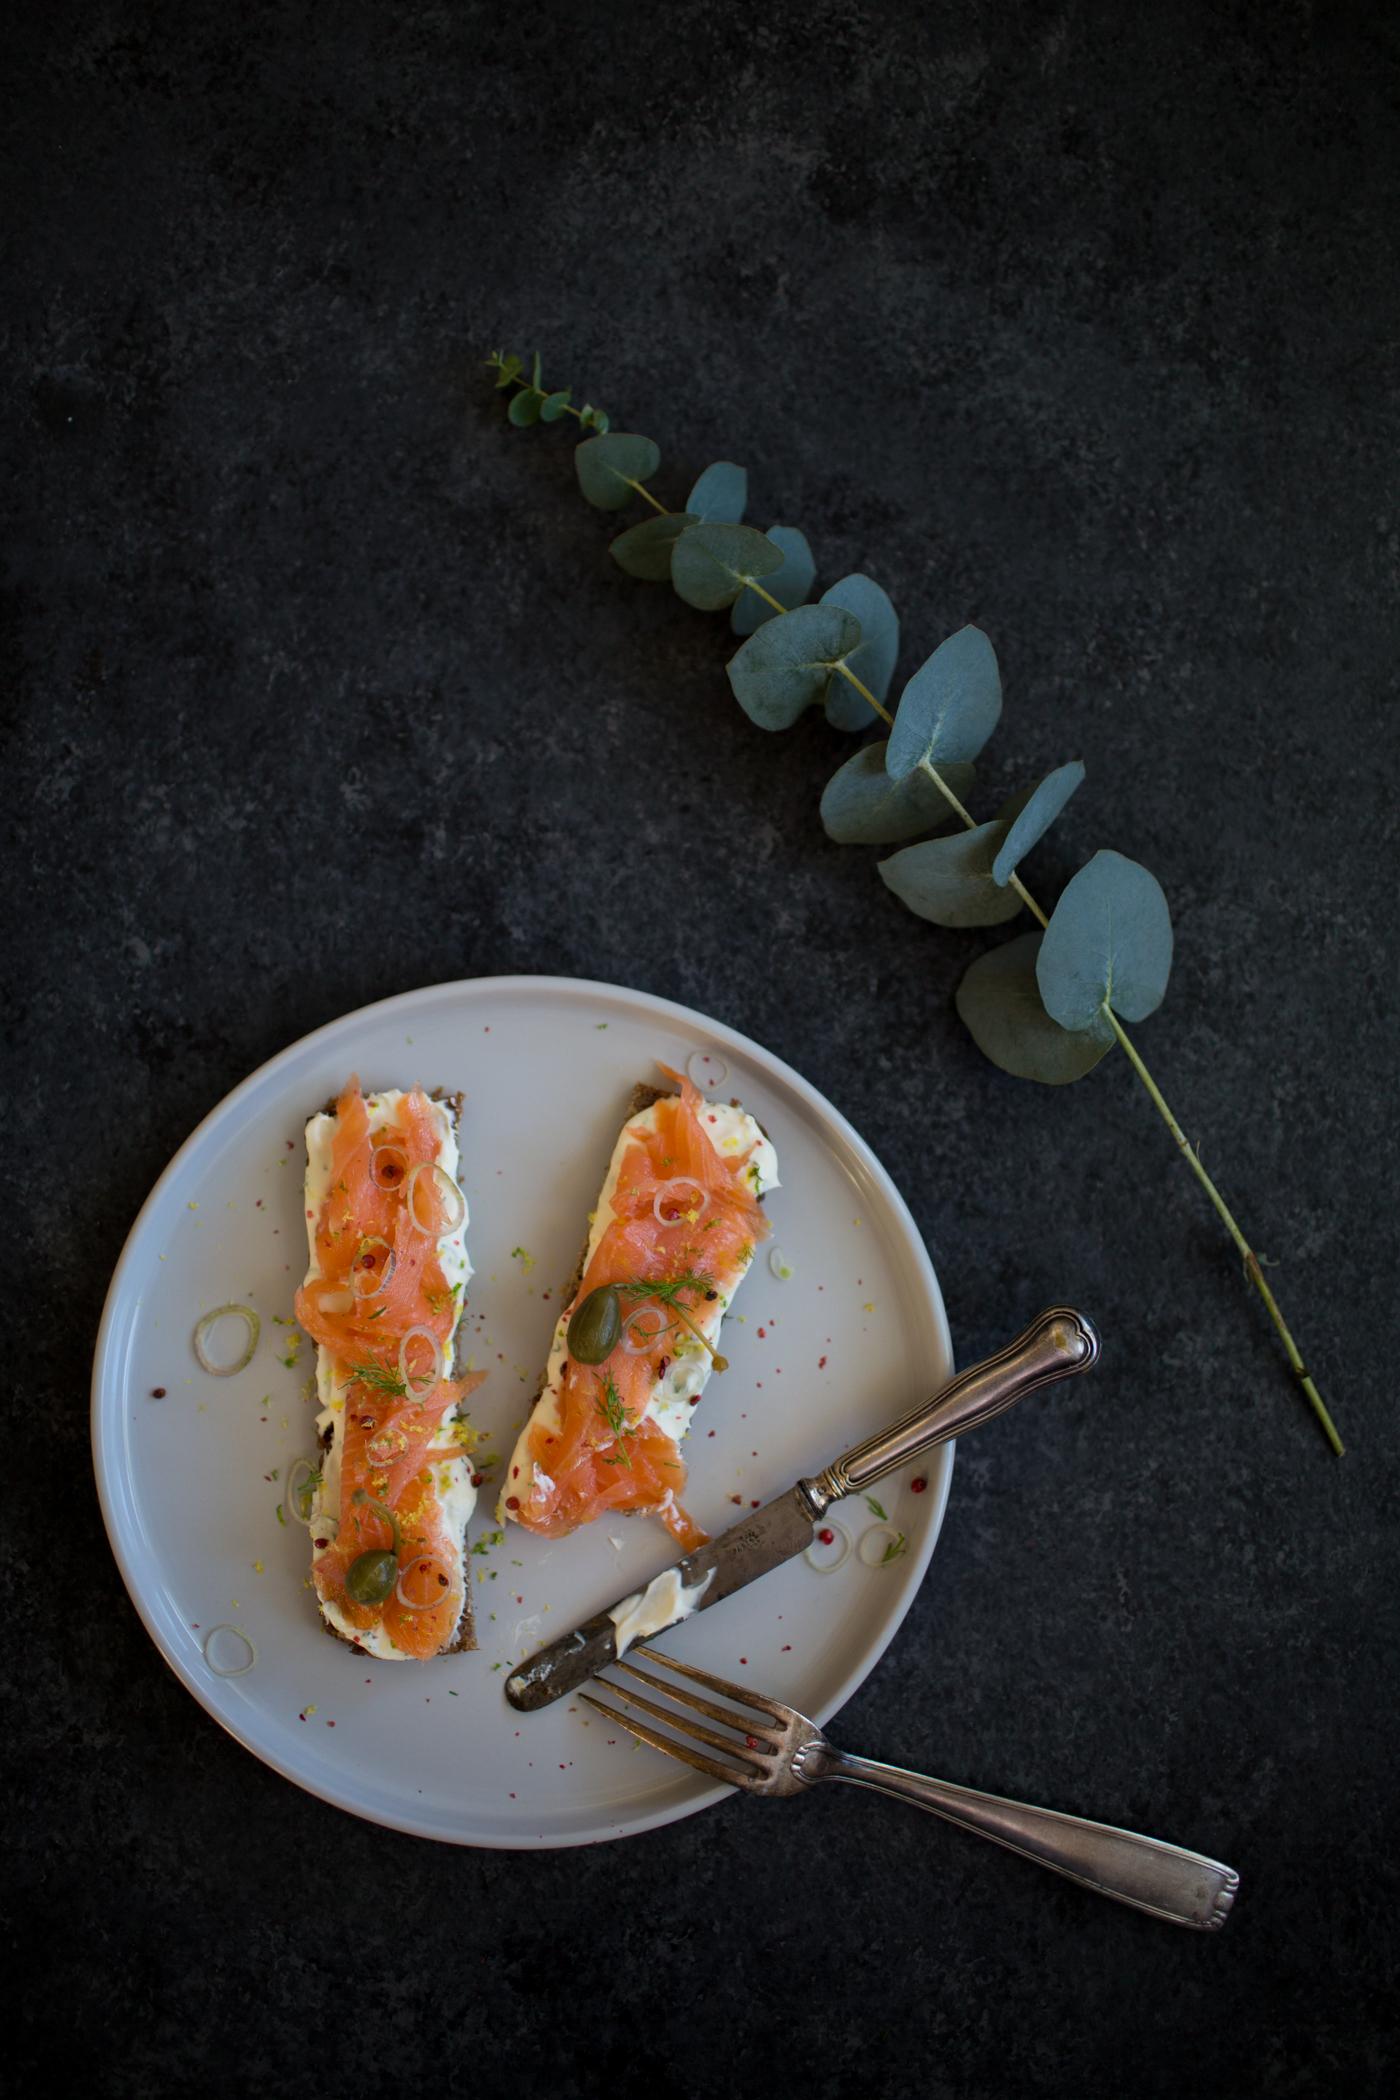 smorrebrod-saumon-creme-9